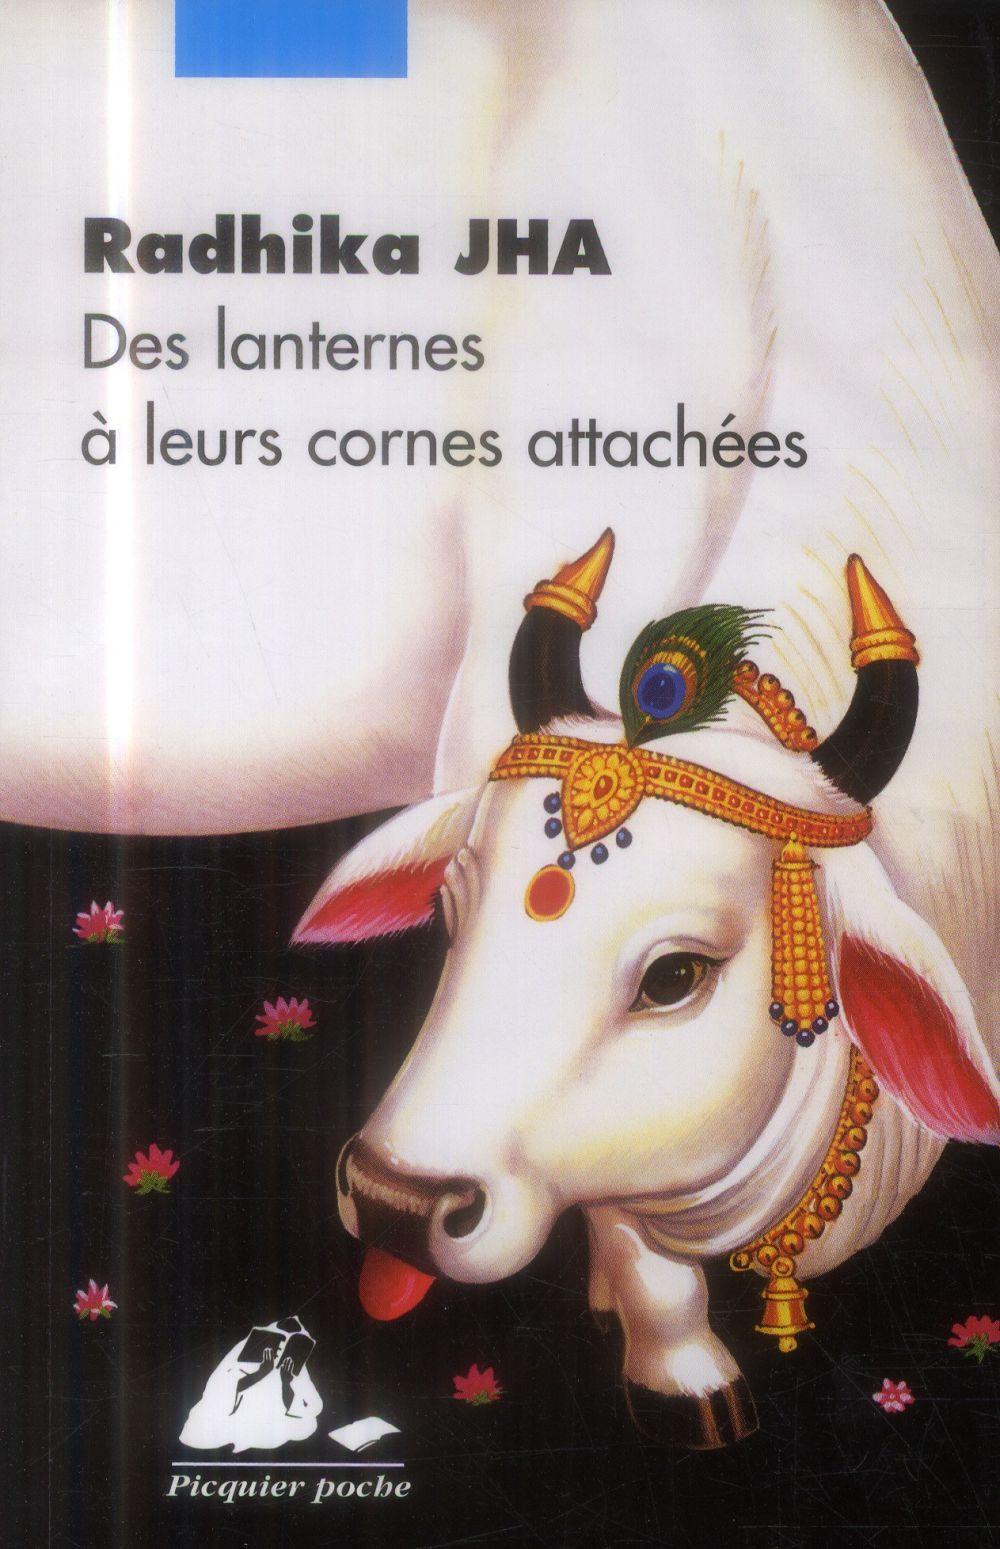 DES LANTERNES A LEURS CORNES A